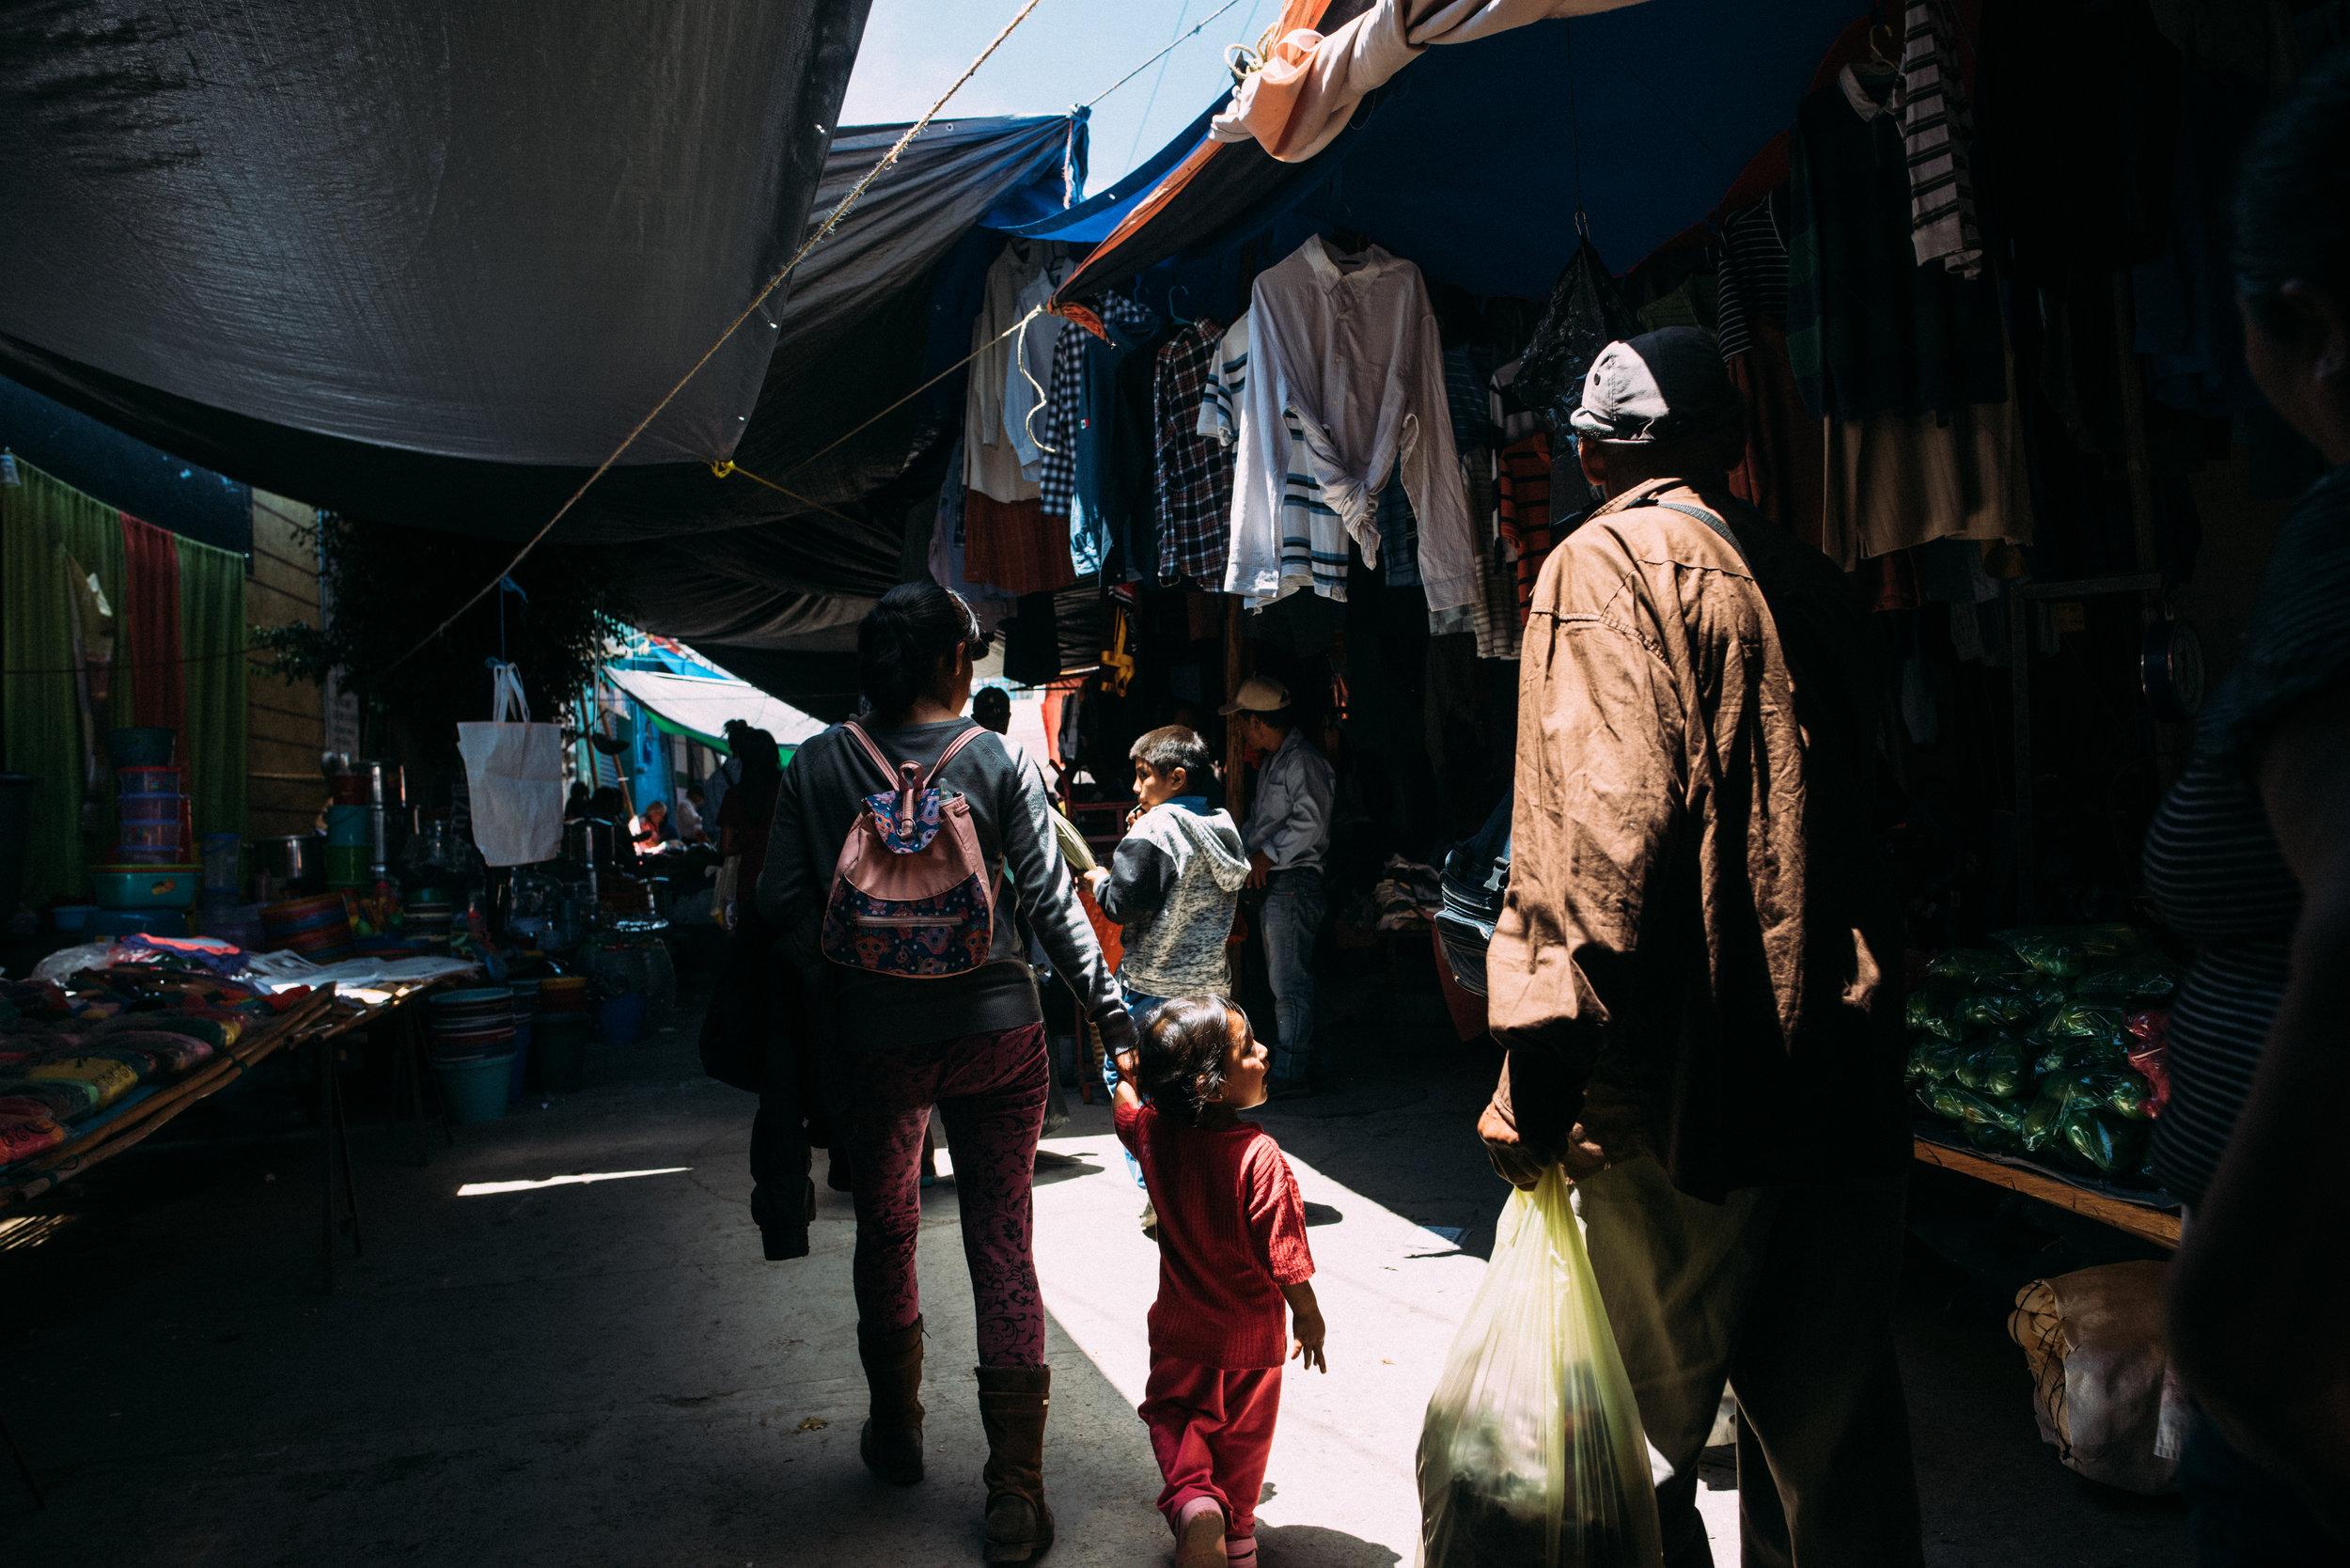 180625_Oaxaca_DustinFranz_Color_067.jpg